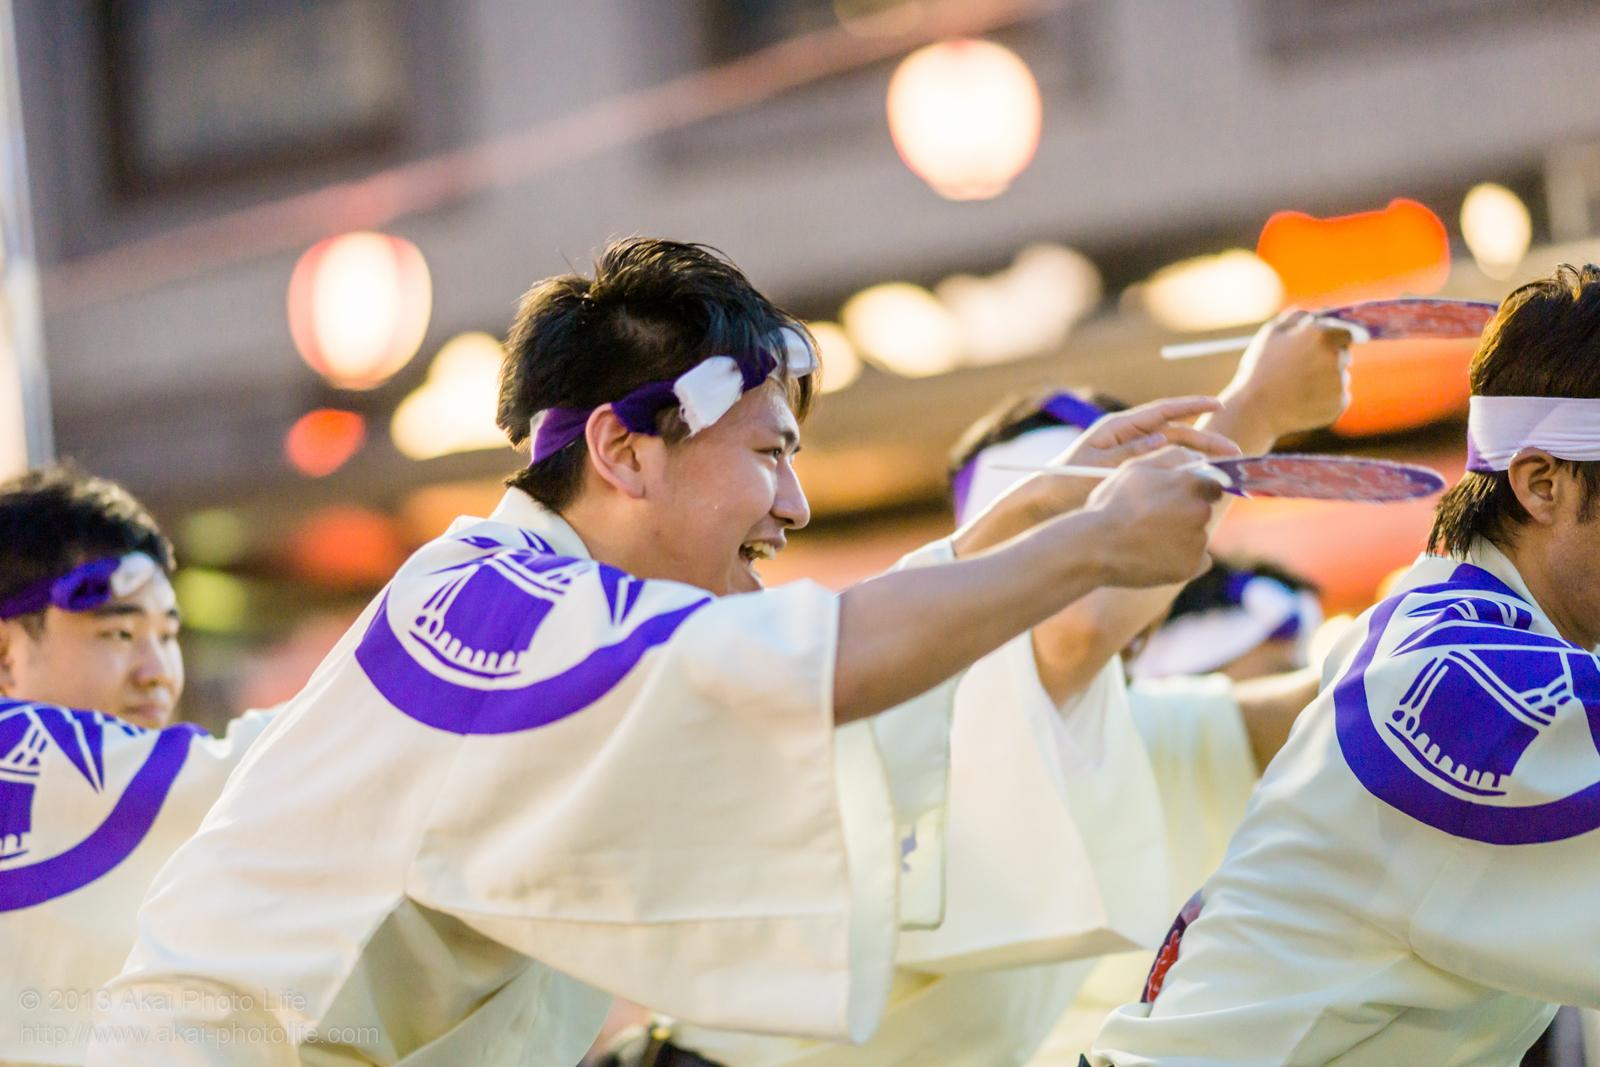 踊れ西八夏まつり、若駒連の男踊り